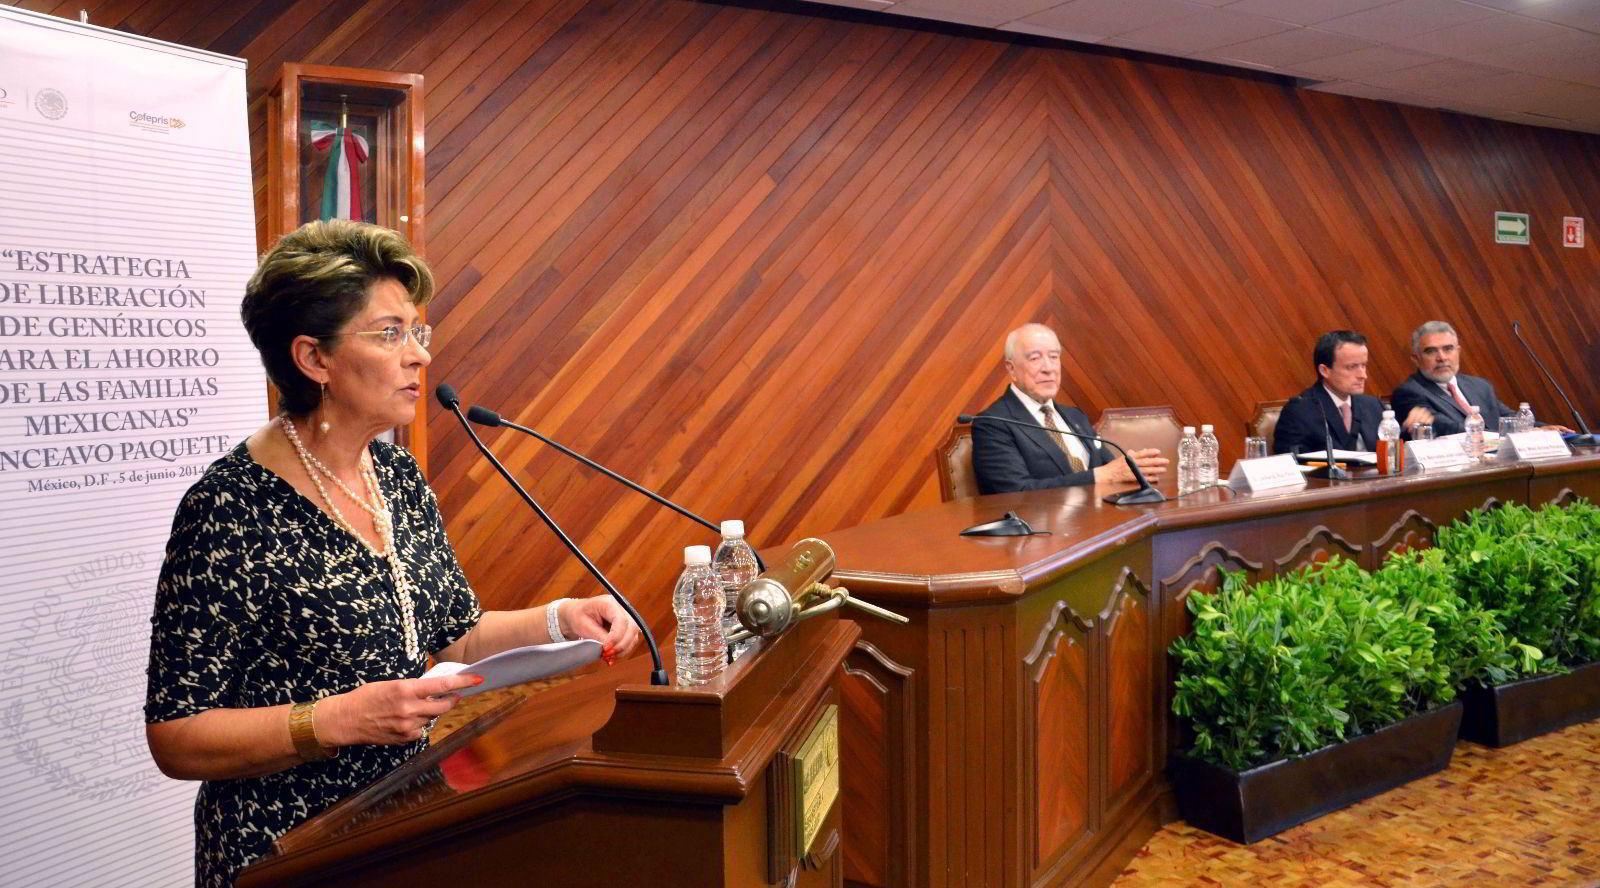 Dr. Leobardo Ruiz Pérez Secretario del Consejo de Salubridad General, Dra. Mercedes Juan Secretaria de Salud, Mtro. Mikel Arriola Peñalosa Comisionado Federal COFEPRIS y el Dr. Dagoberto Cortés Presidente de la Camara Nacional de la Industria Farmaceutica (CANIFARMA)